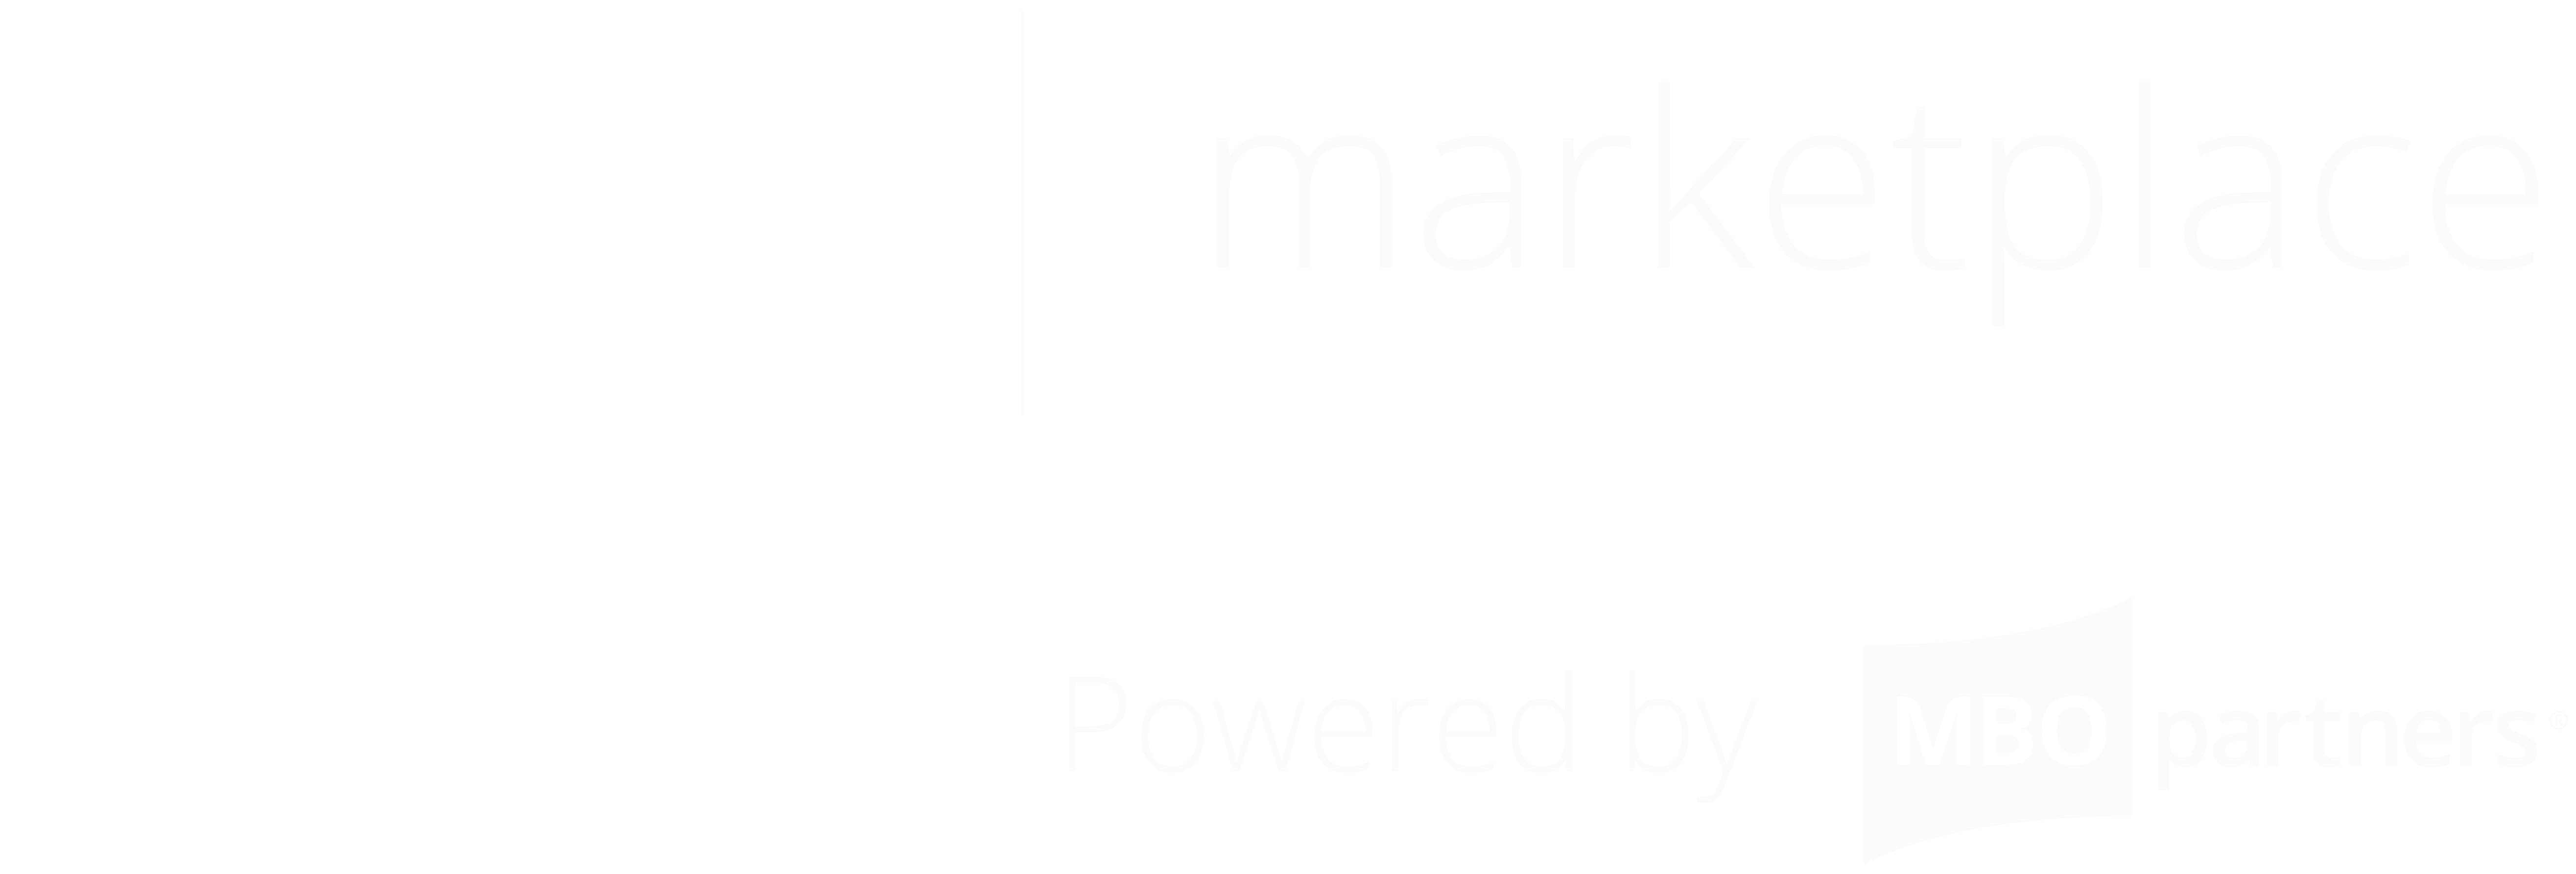 Nextra Energy marketplace logo